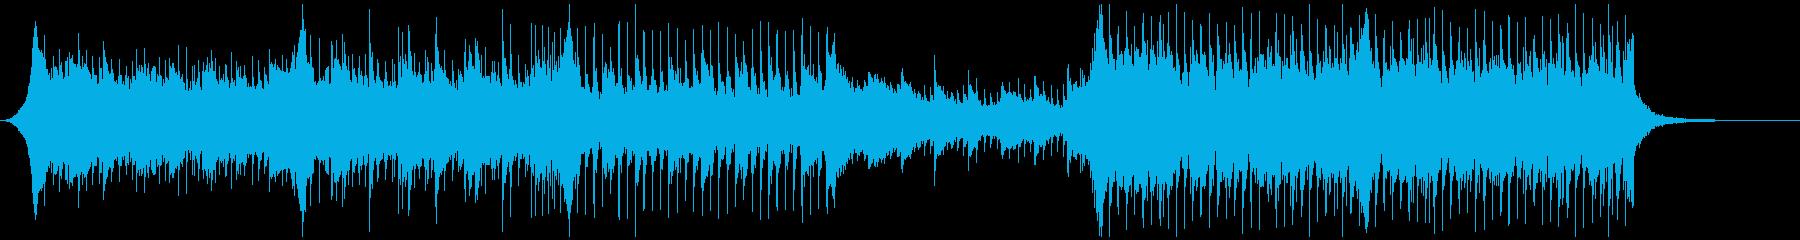 テンポの良いハウスミュージックの再生済みの波形